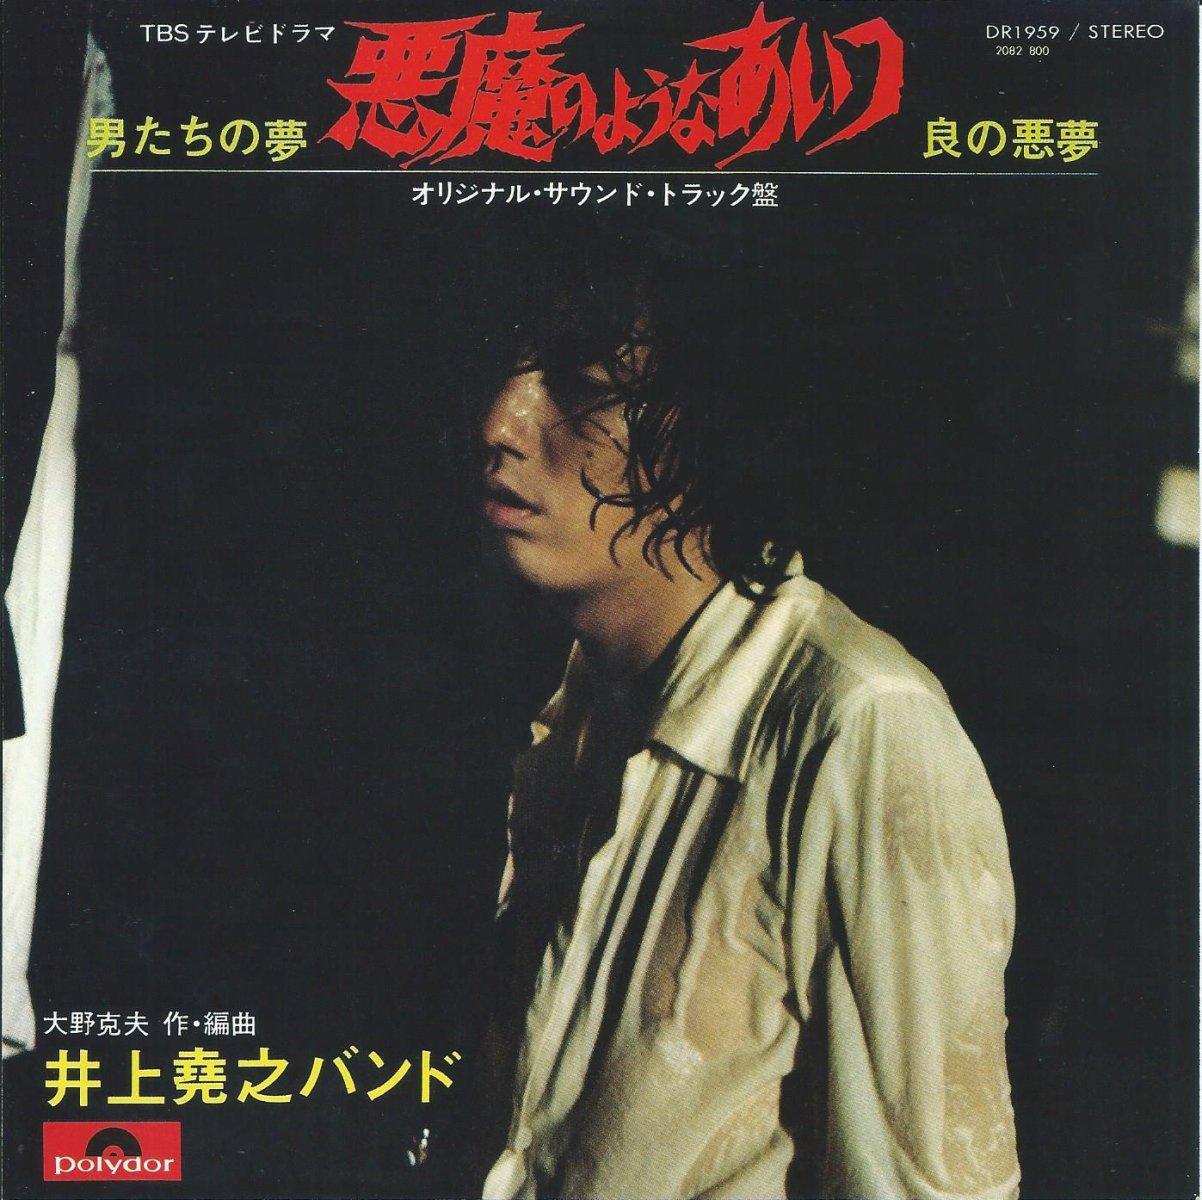 井上堯之バンド / 男たちの夢 / 良の悪夢 (悪魔のようなあいつ オリジナル・サウンド・トラック) (7